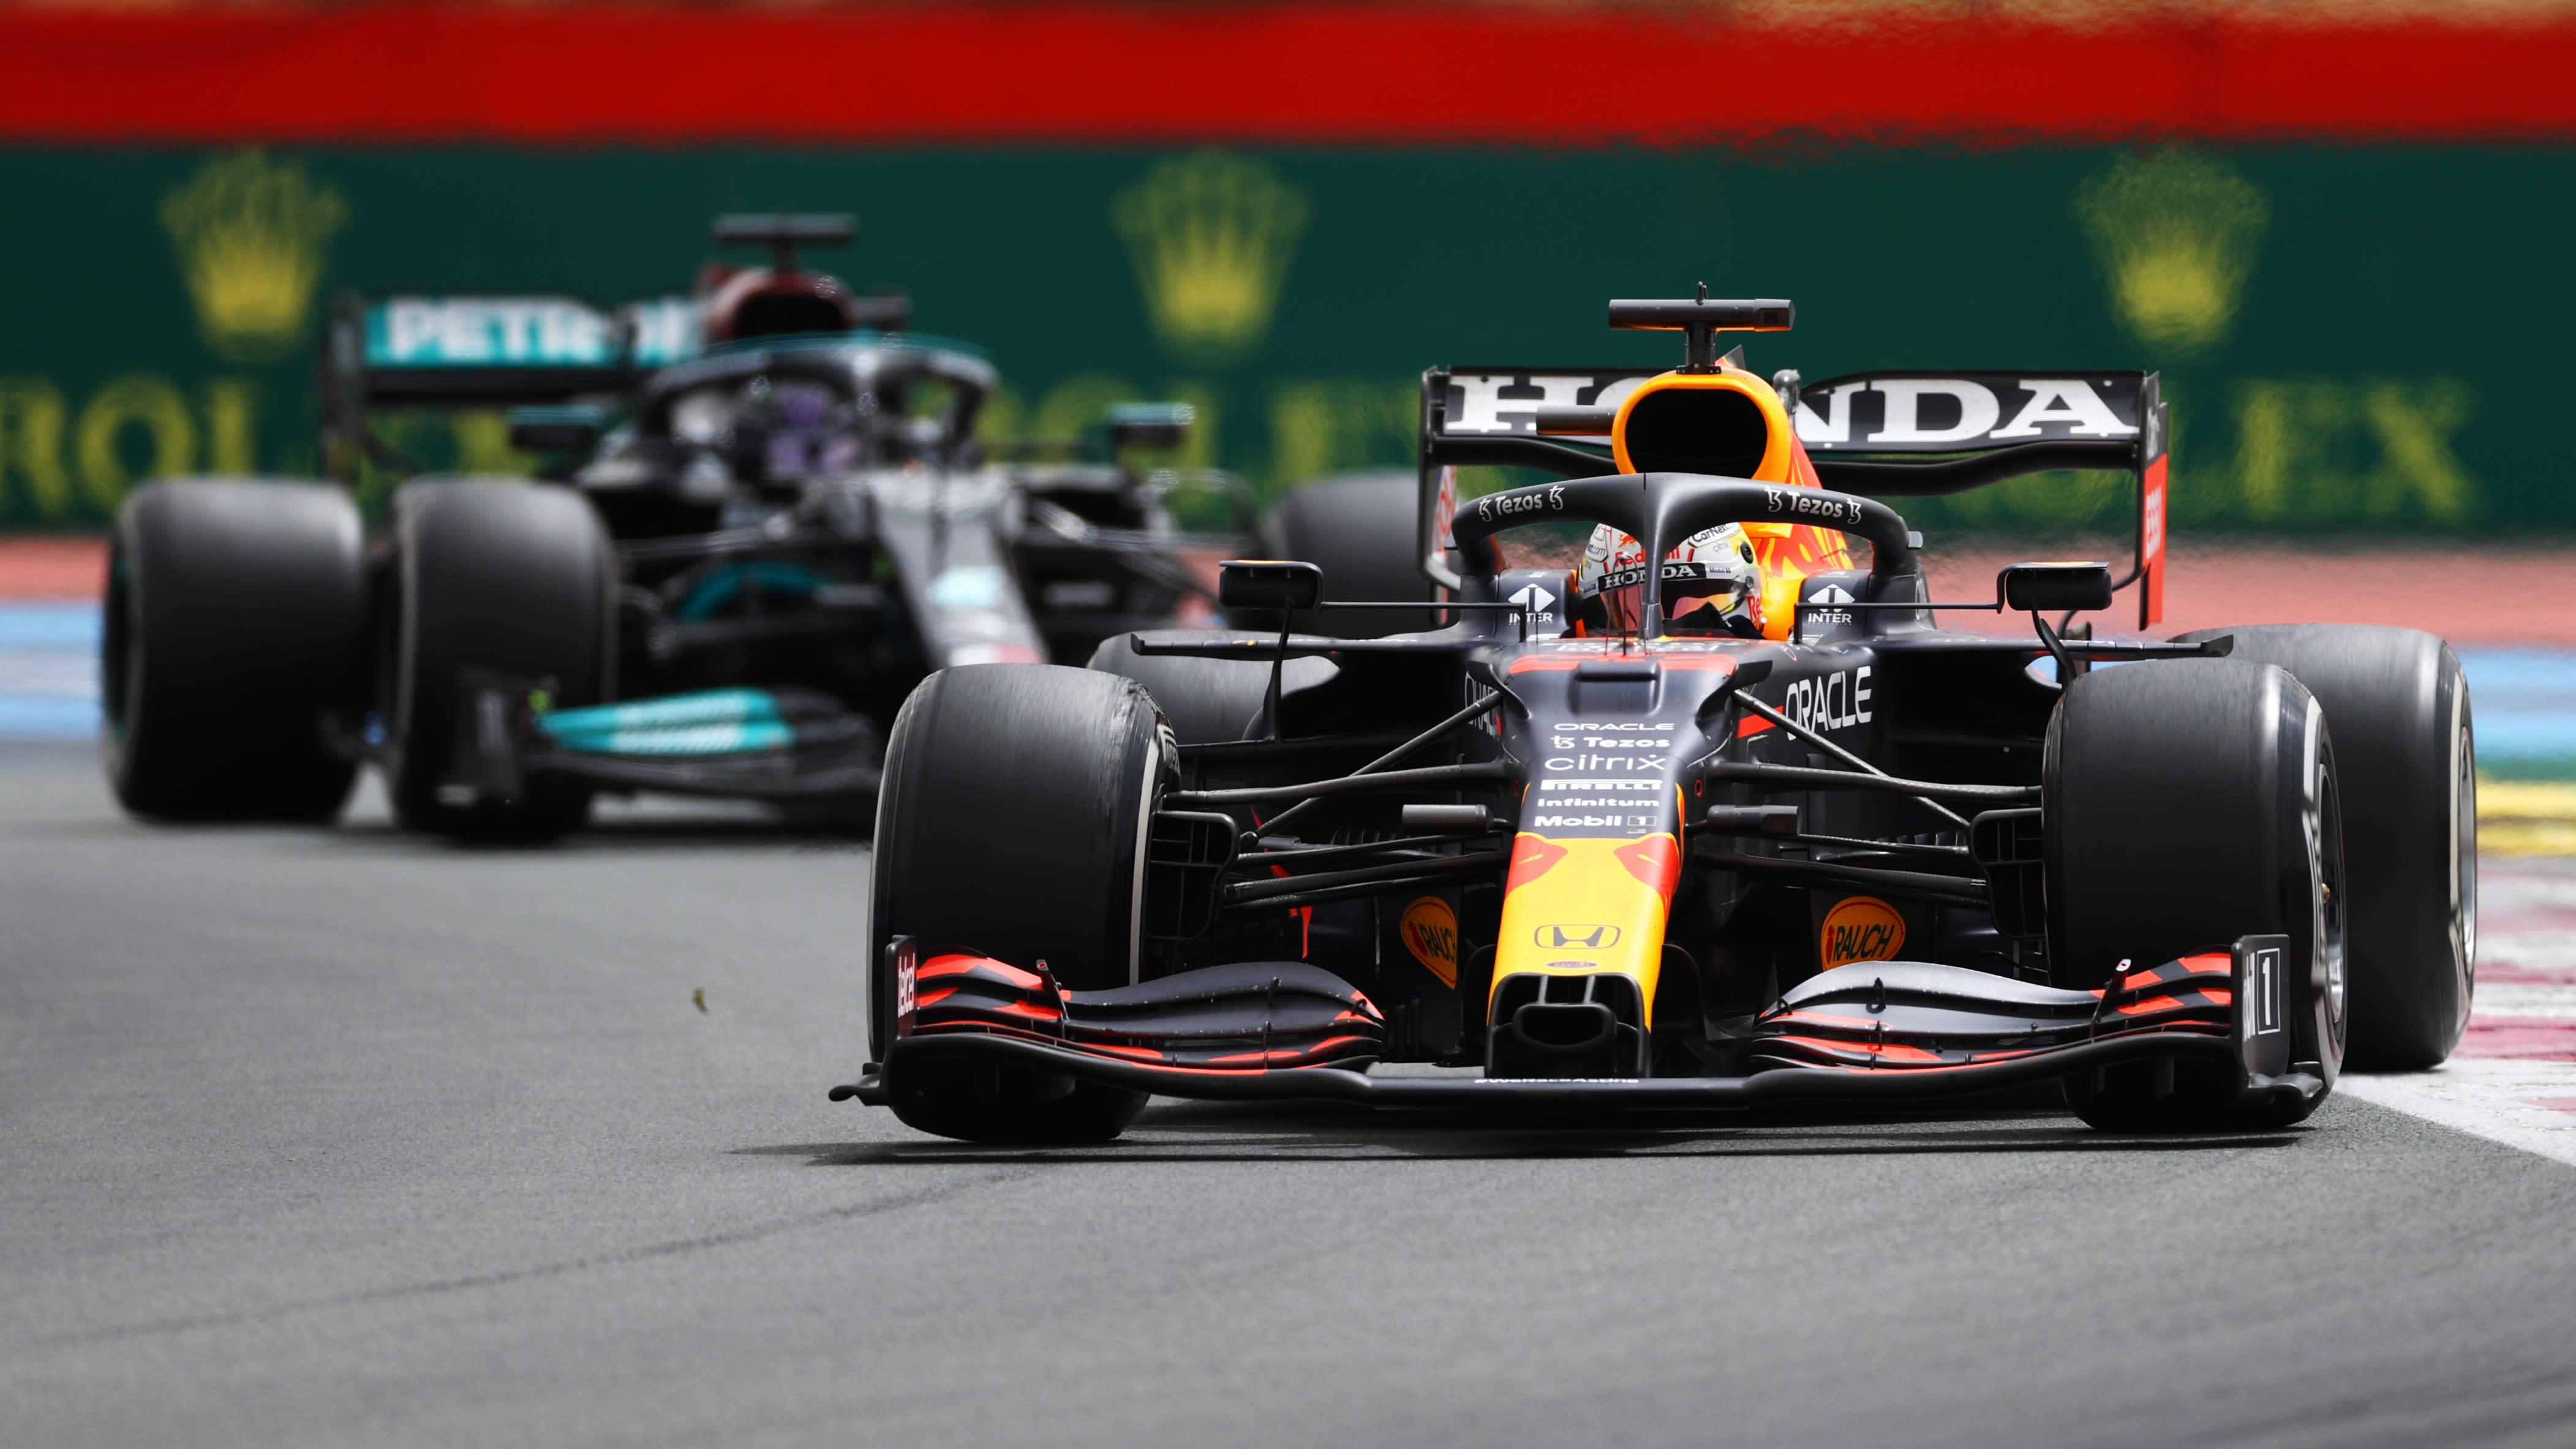 Verstappen Hamiltonin edellä.